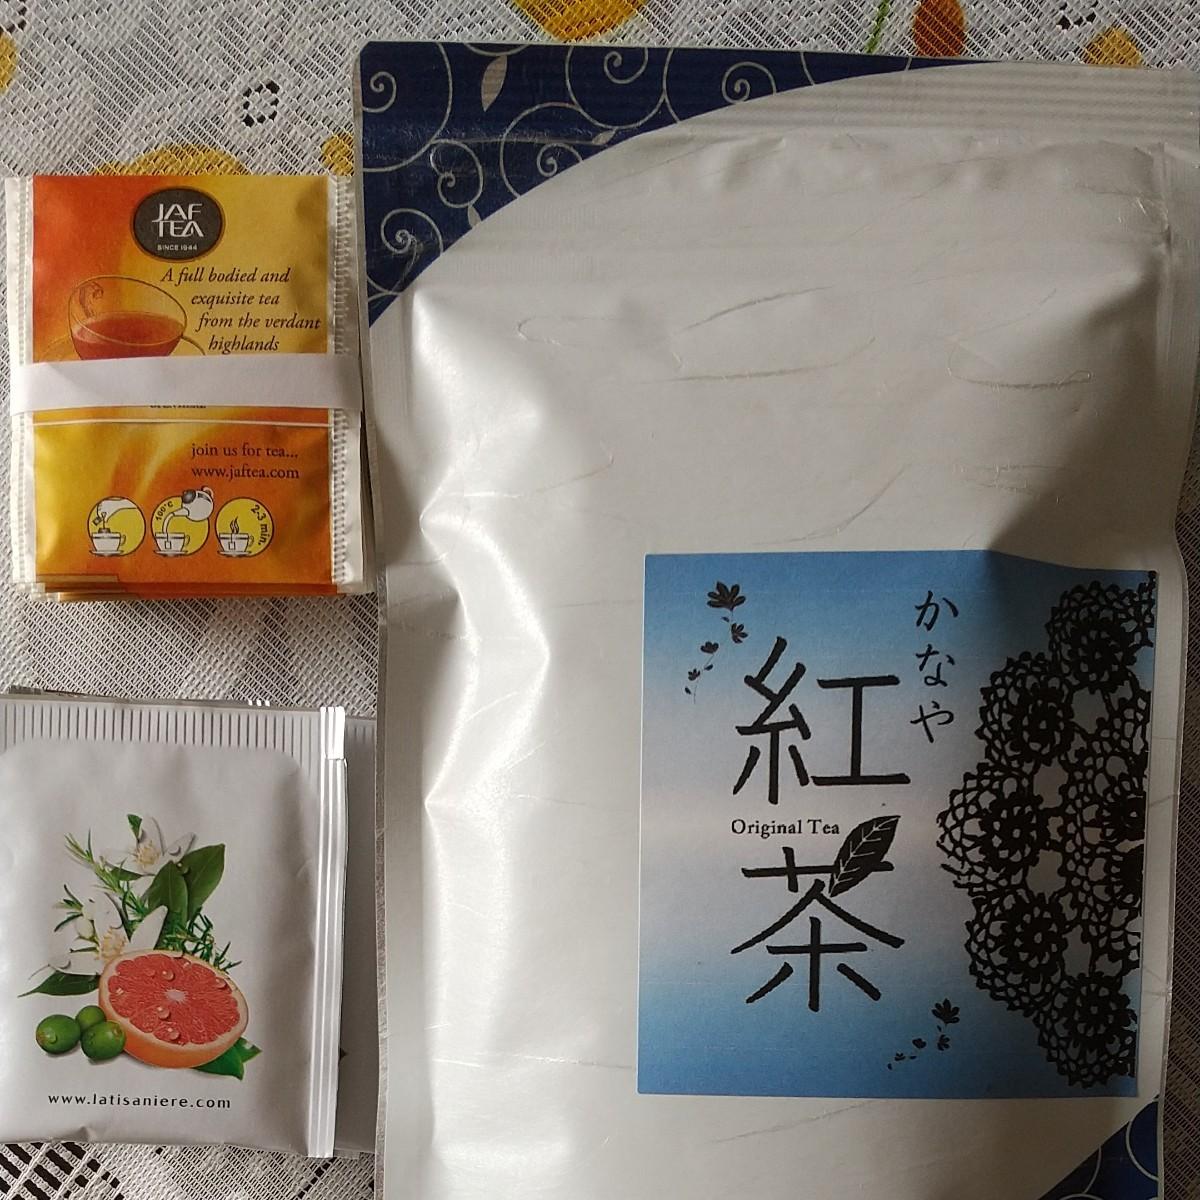 紅茶&ティーバック